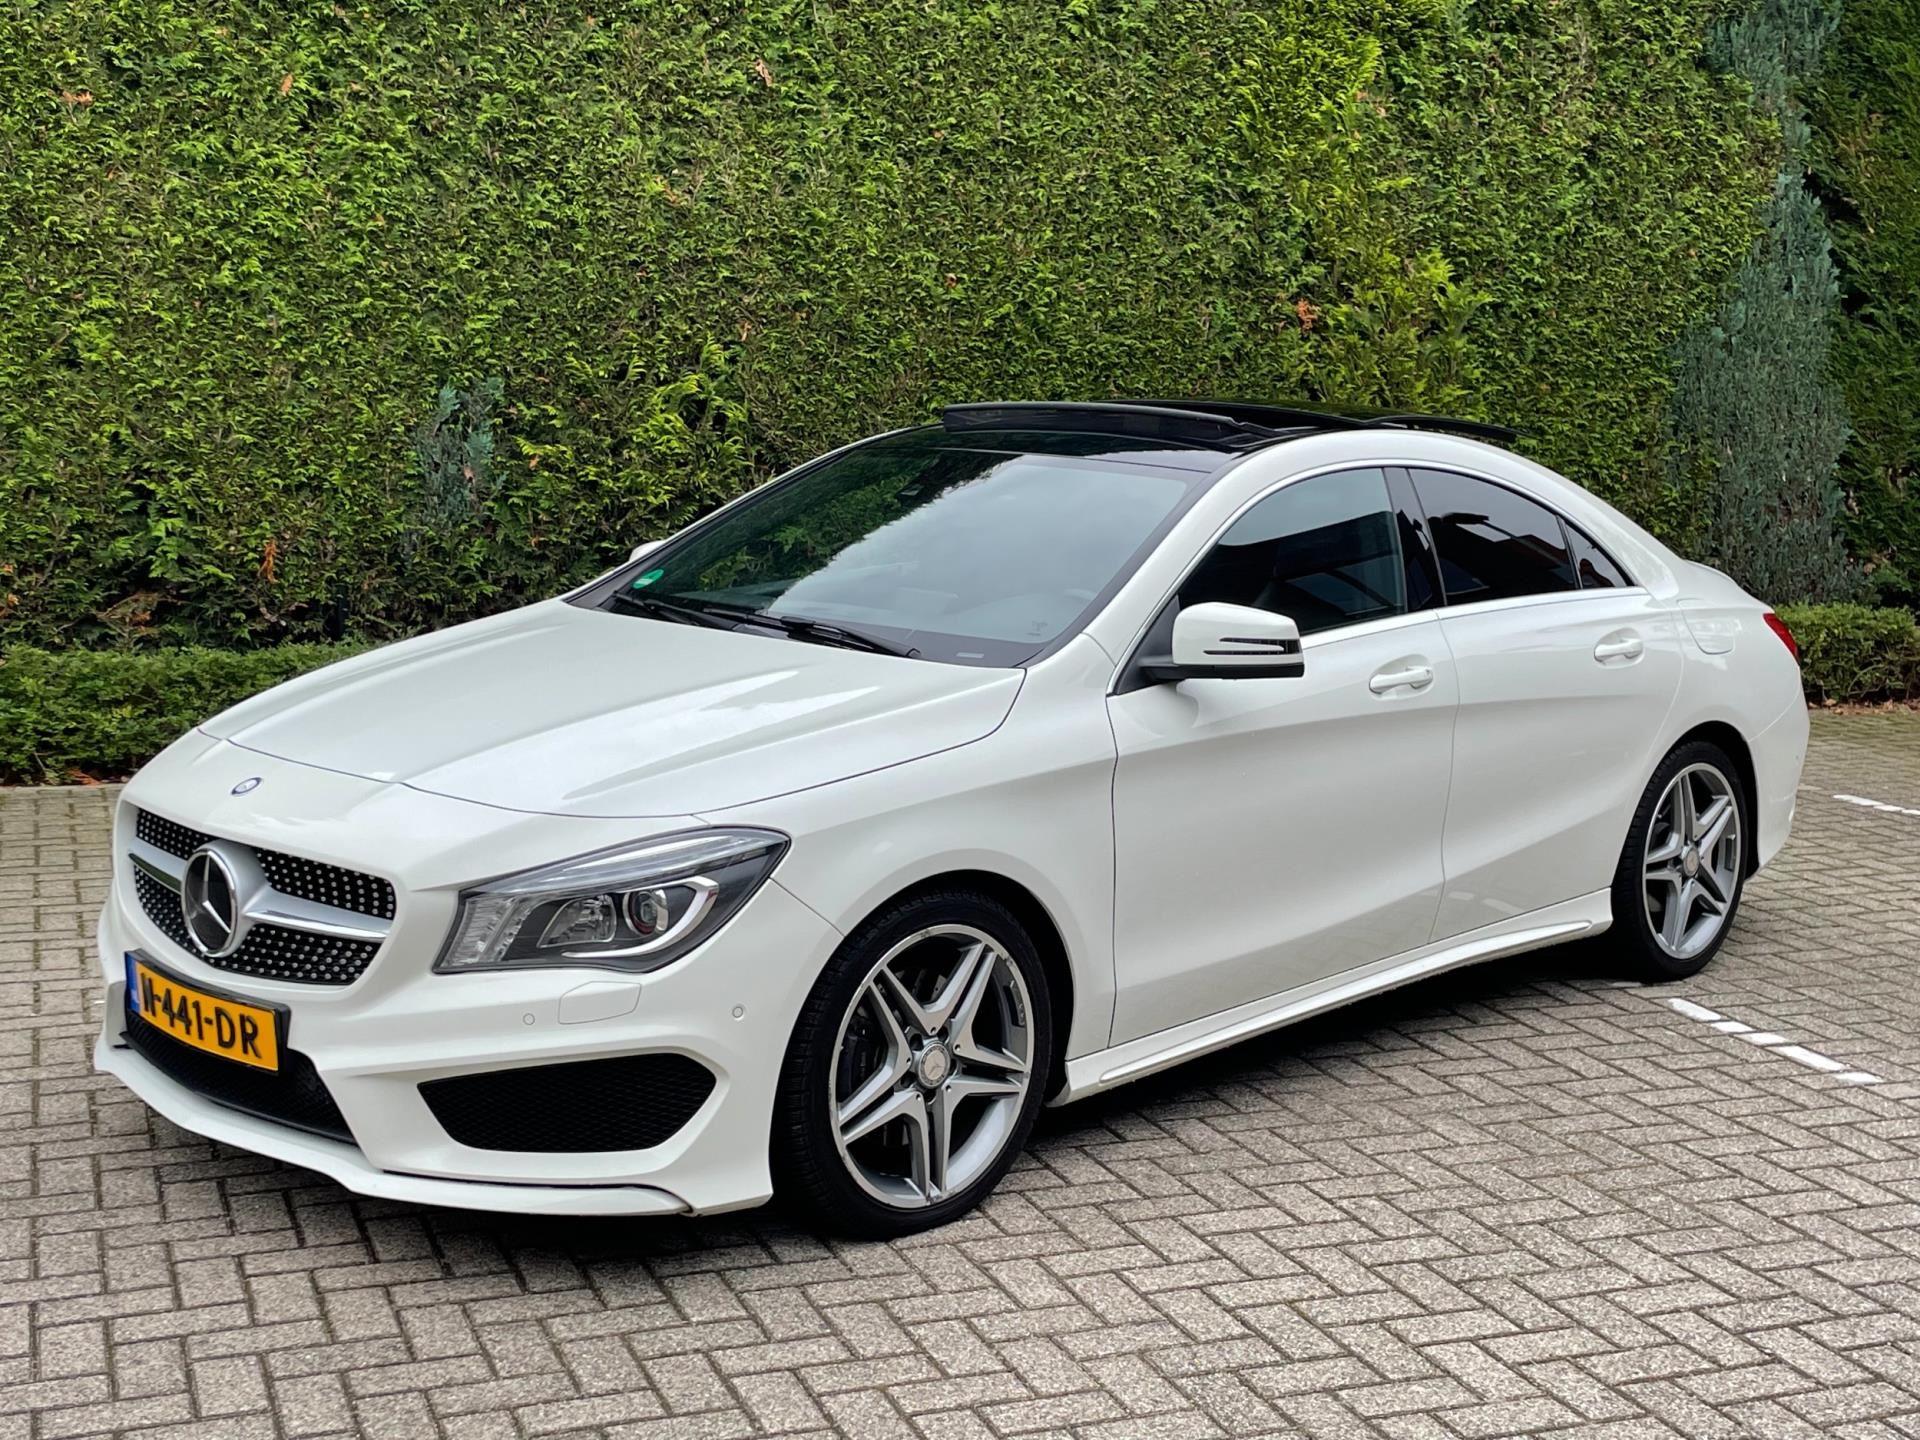 Mercedes-Benz CLA-klasse occasion - Dealer Outlet Cuijk b.v.